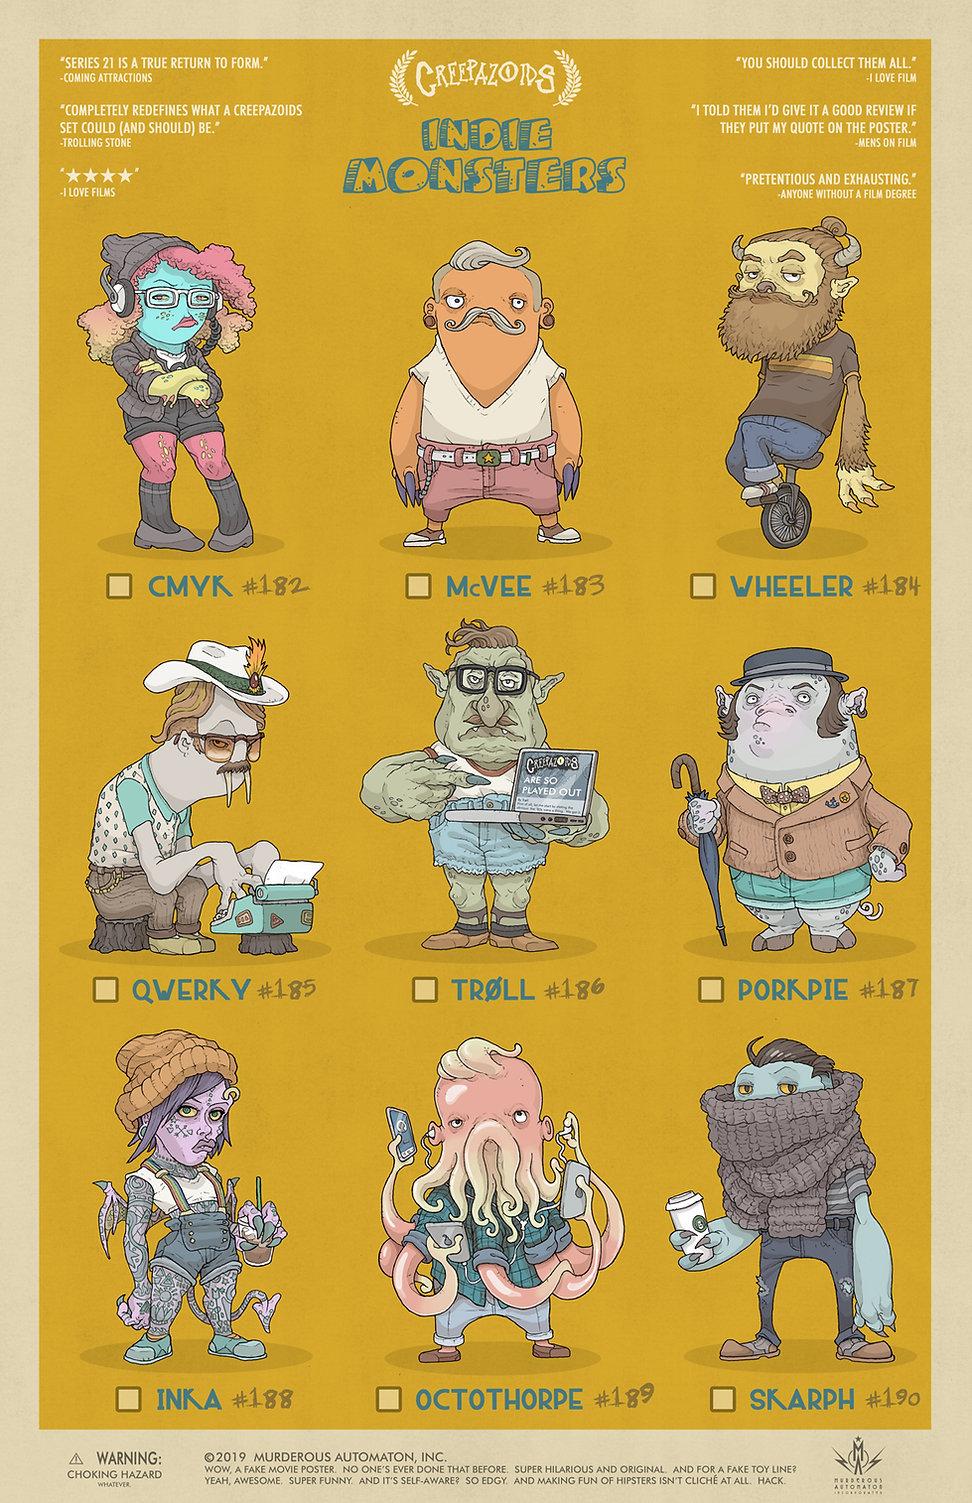 21 Creepazoids--Indie Monsters.jpg